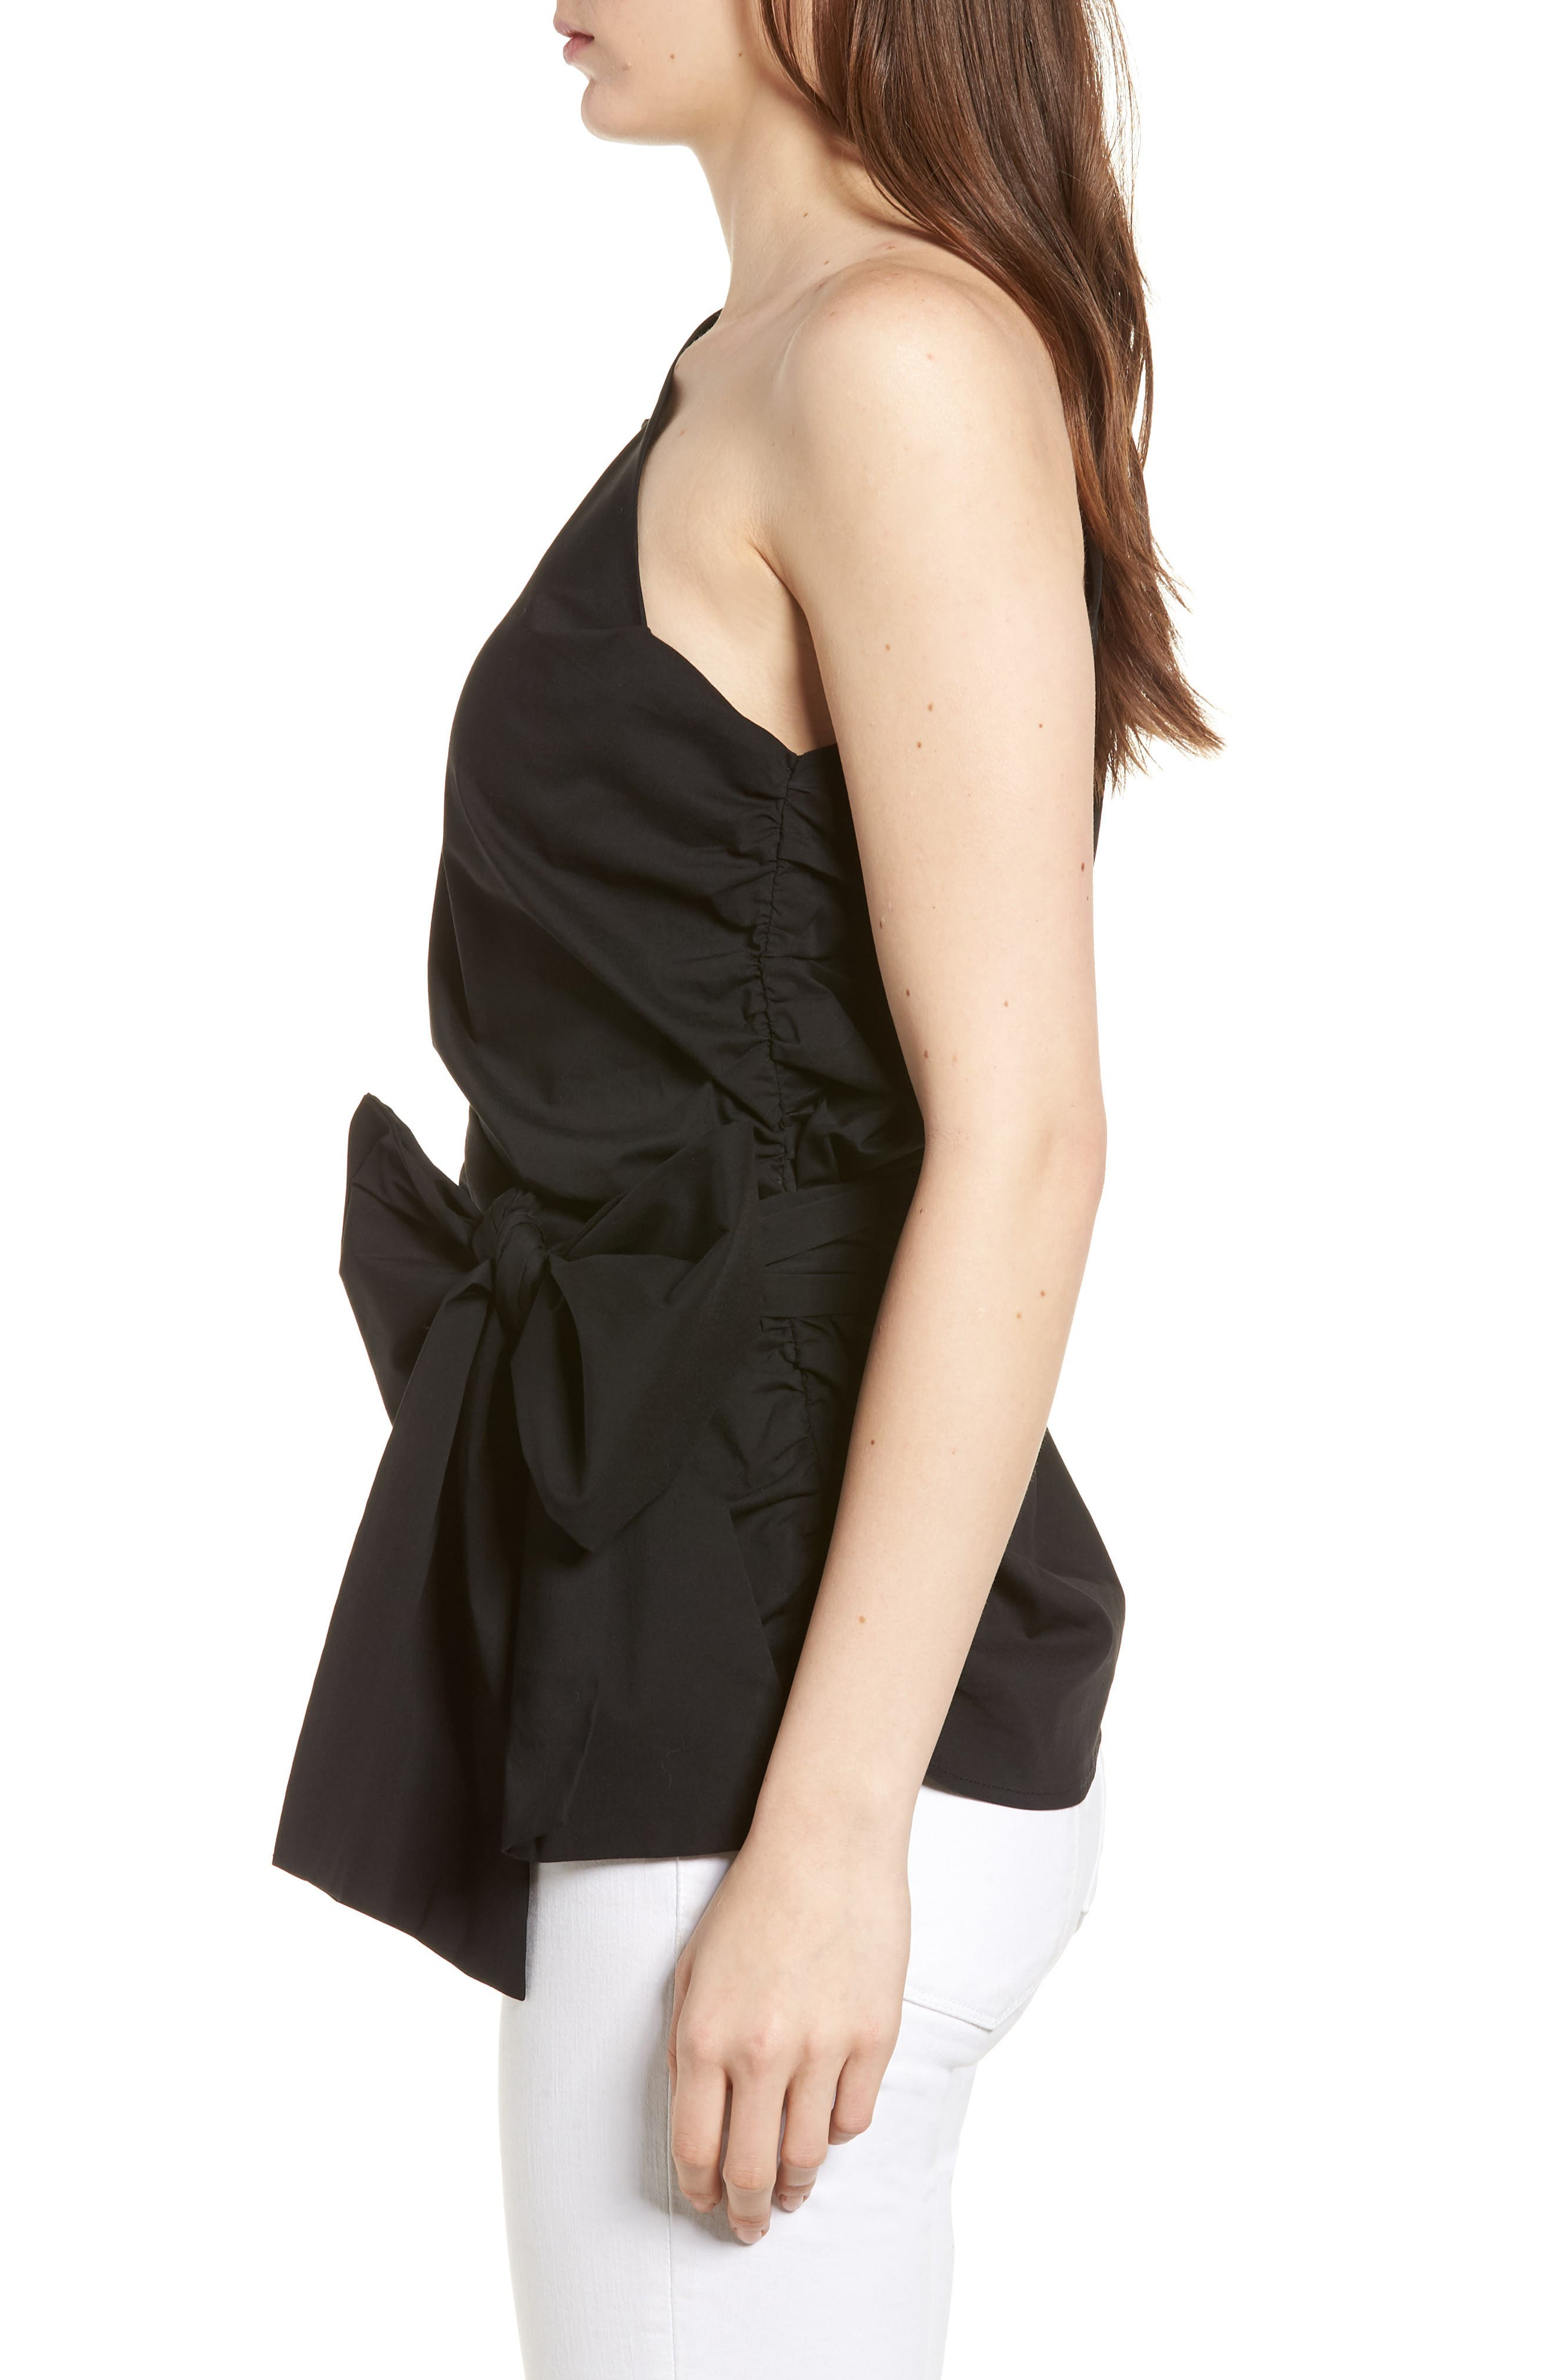 Bishop + Young Belted One-Shoulder Blouse,                             Alternate thumbnail 3, color,                             Black